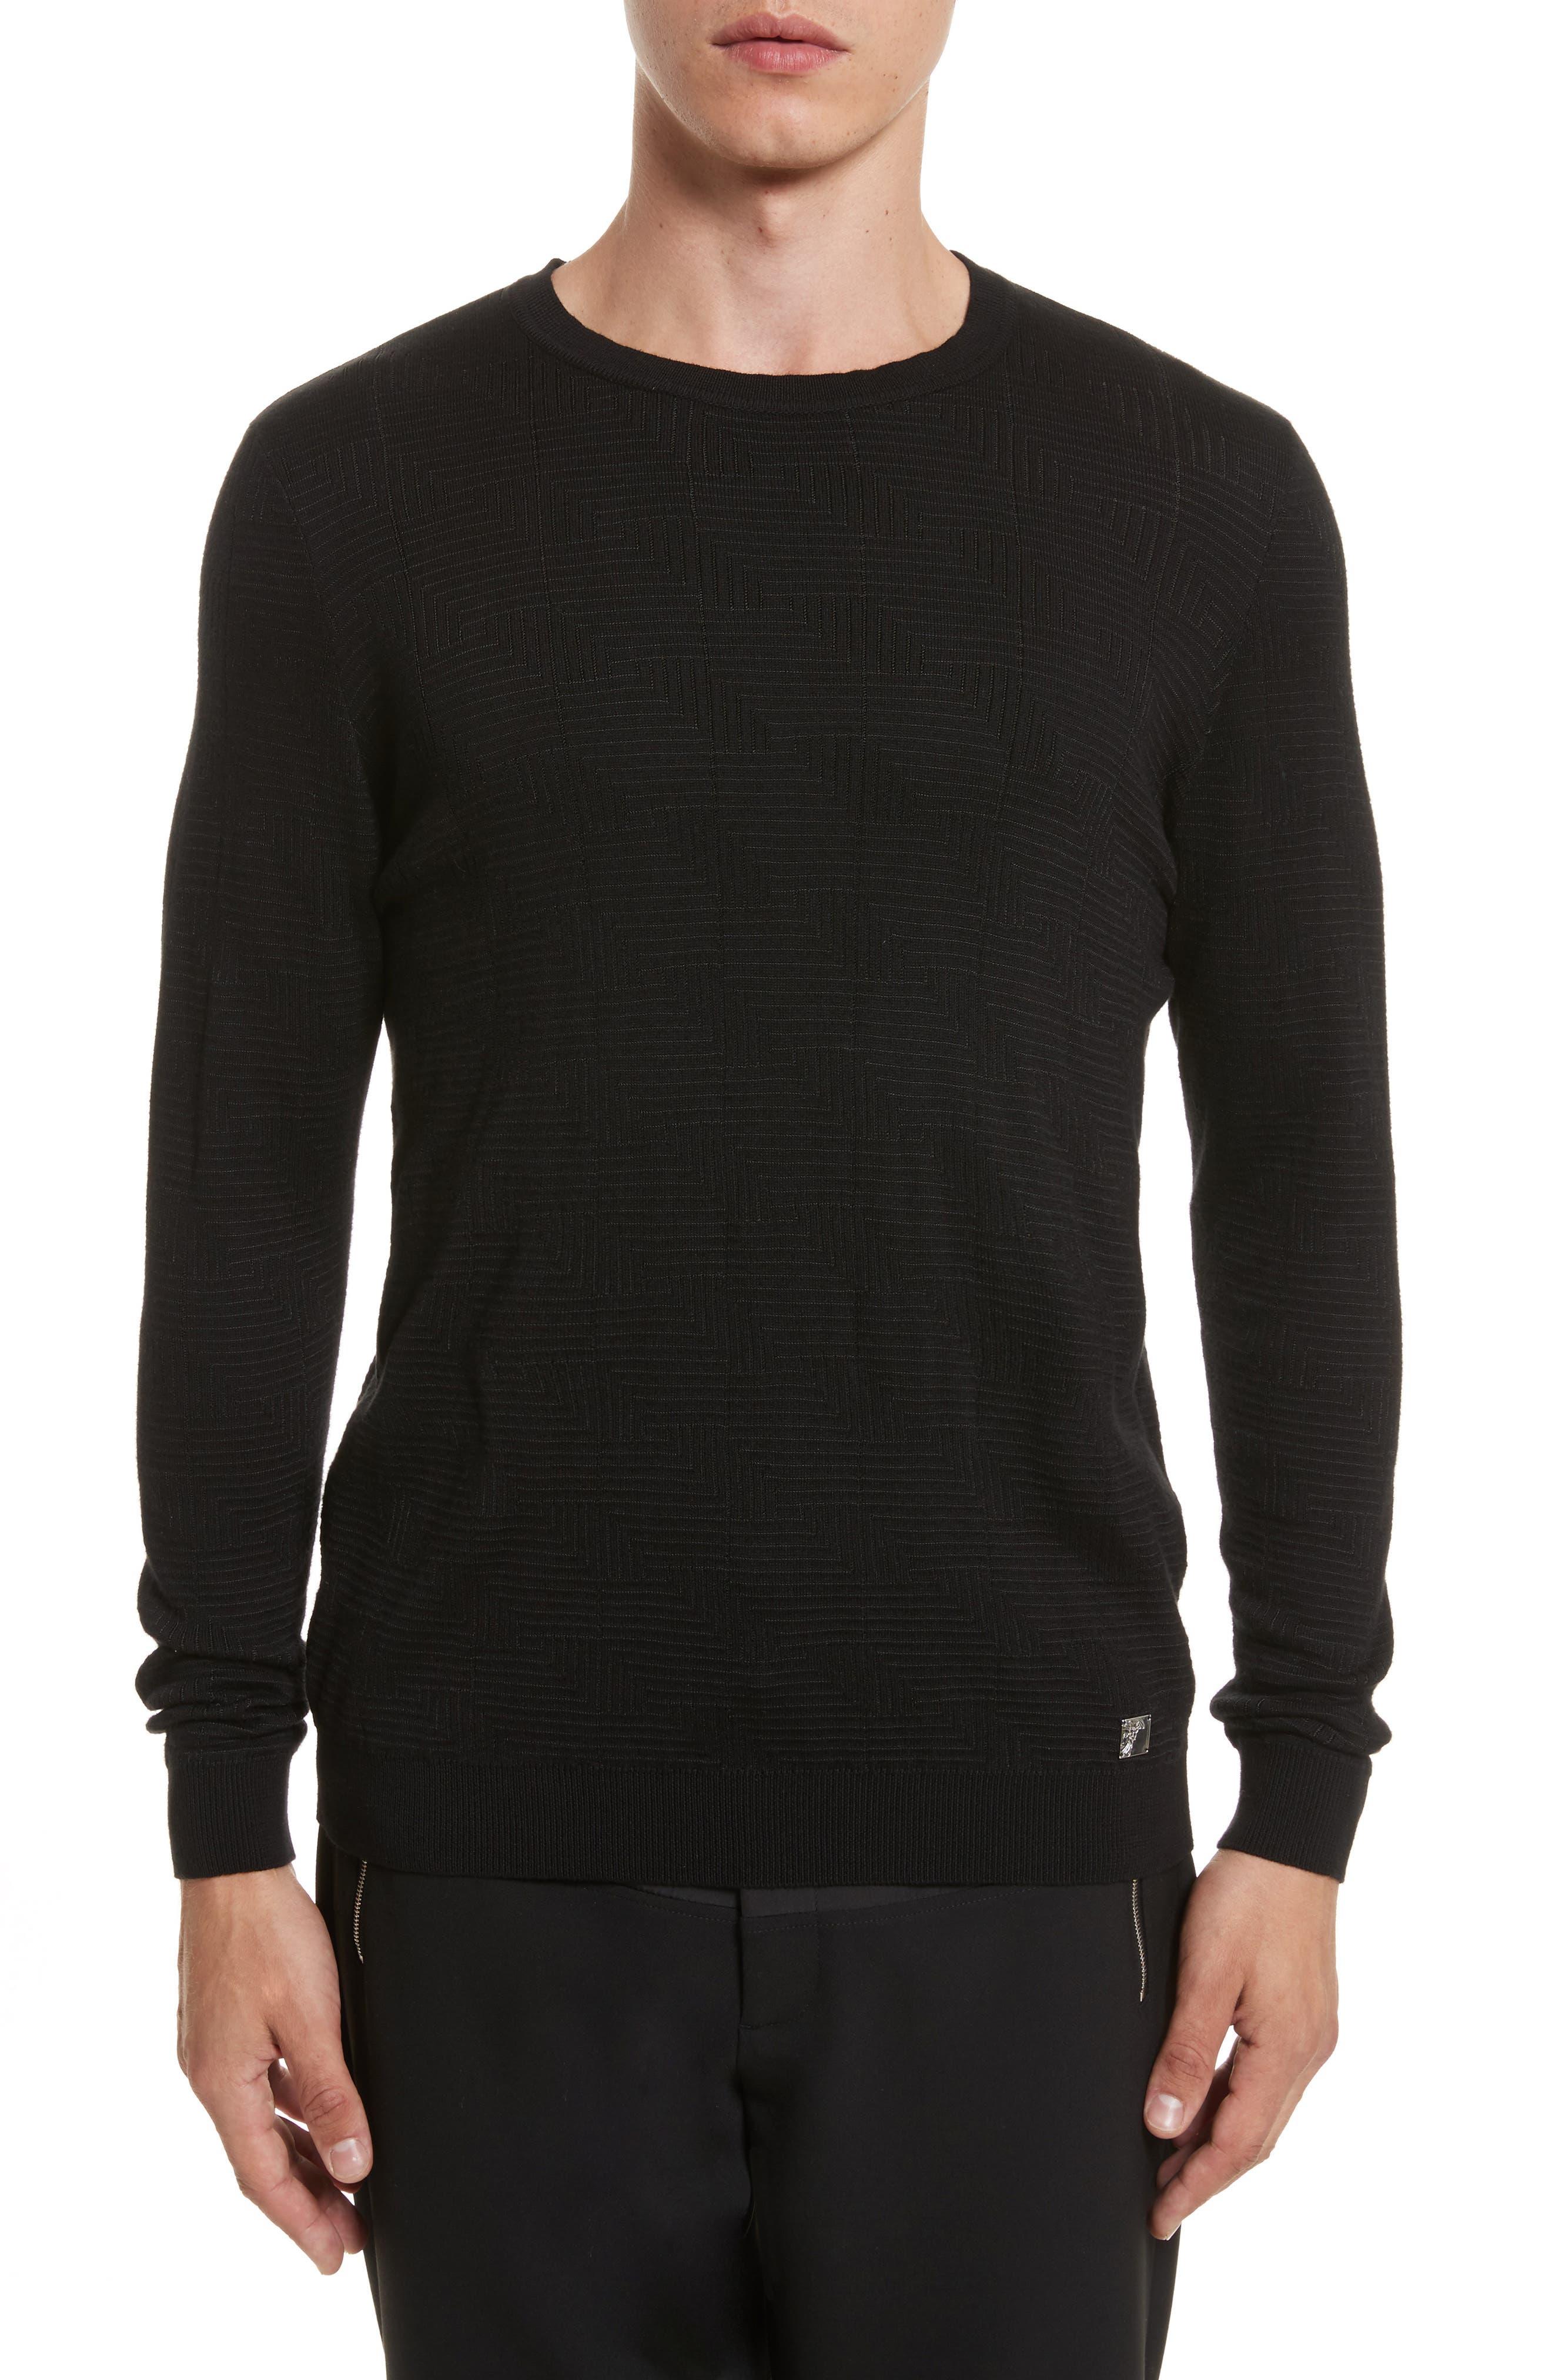 Frame Jacquard Sweater,                             Main thumbnail 1, color,                             Black